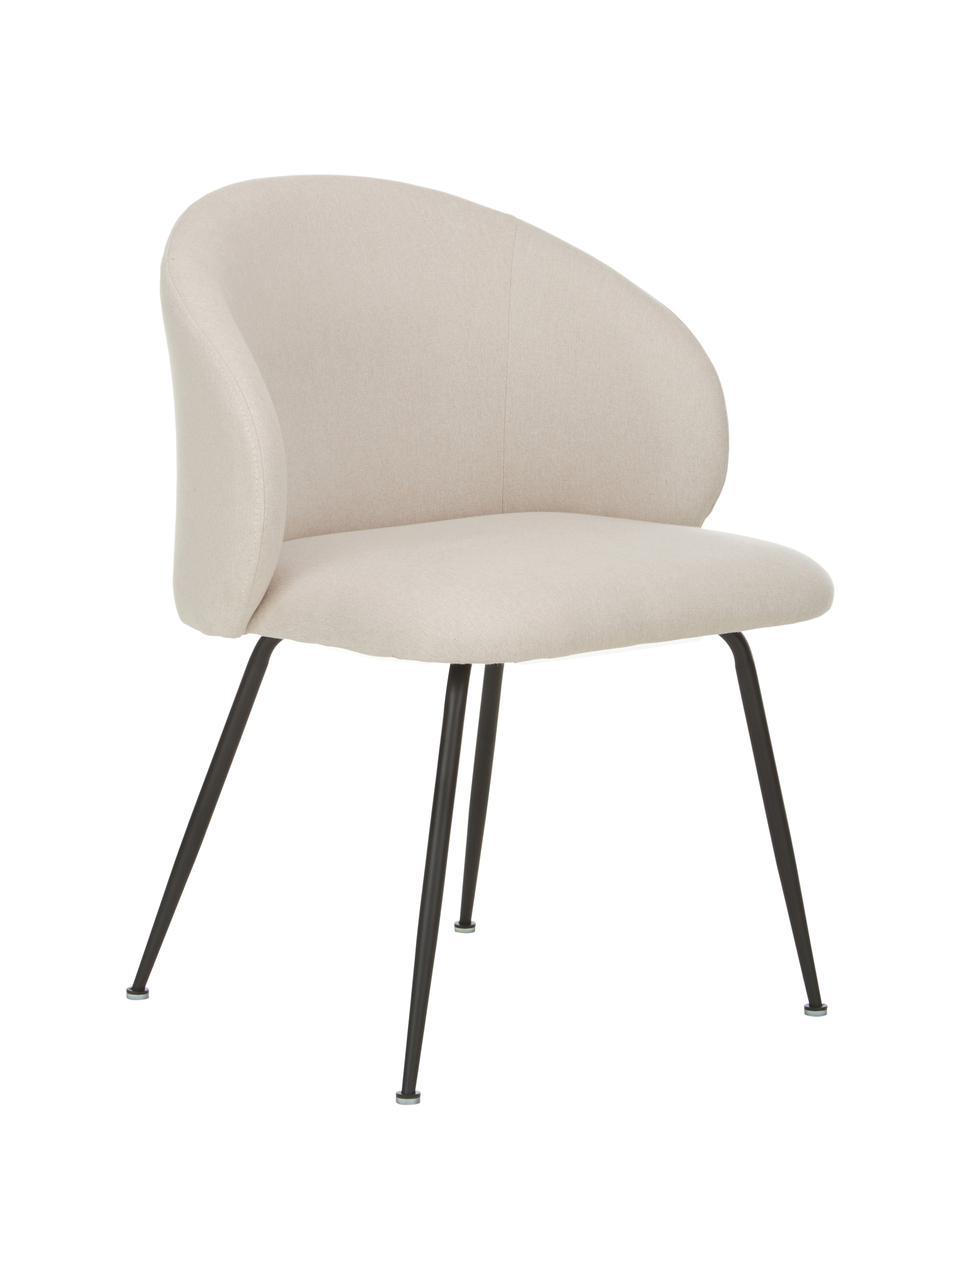 Čalúnená stolička Luisa, 2 ks, Béžová, čierna